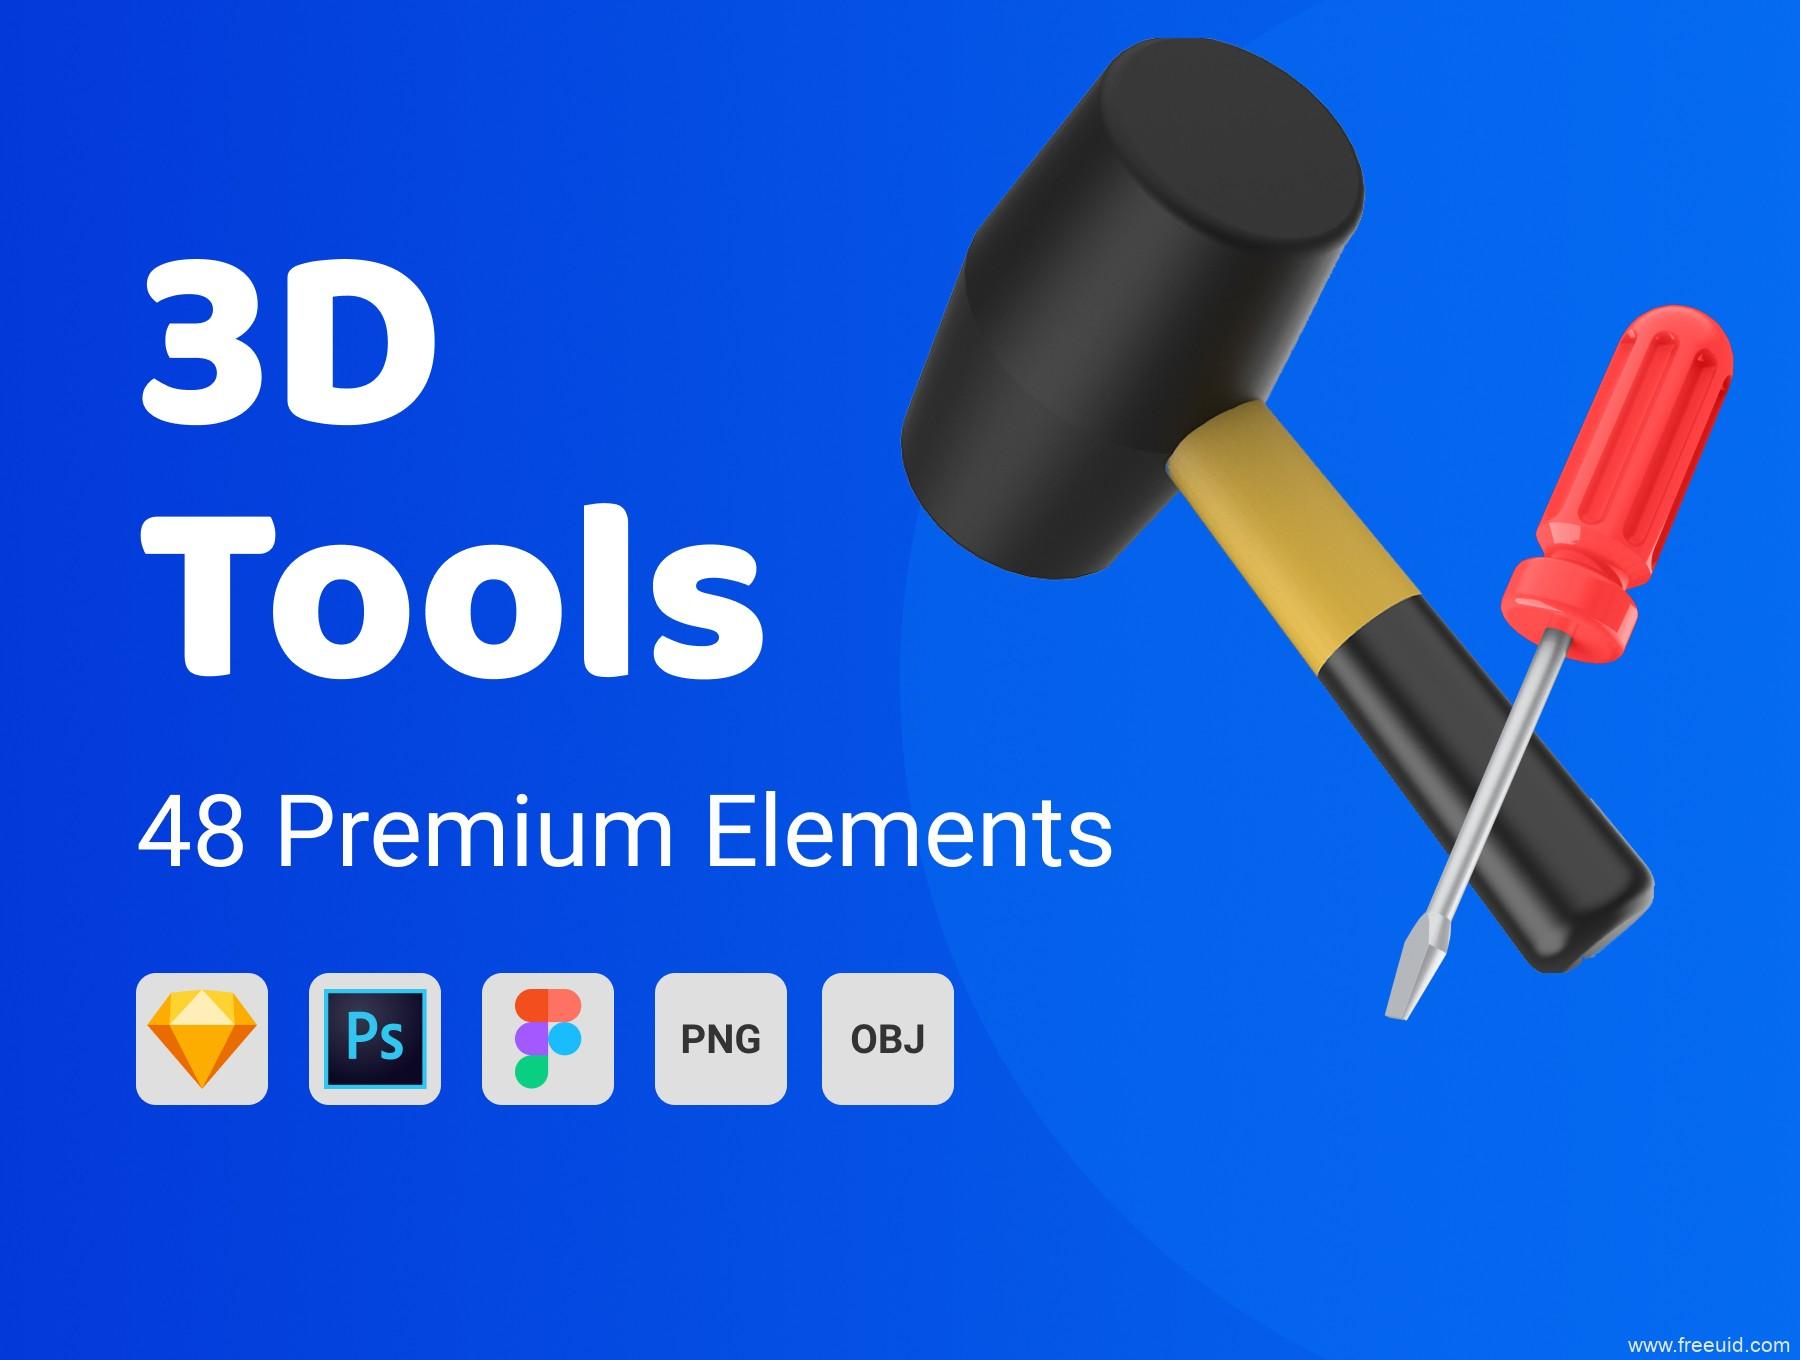 各种五金工具3D图标素材源文件下载,日用工具3D图标插画素材源文件psd,png,sketch,fig